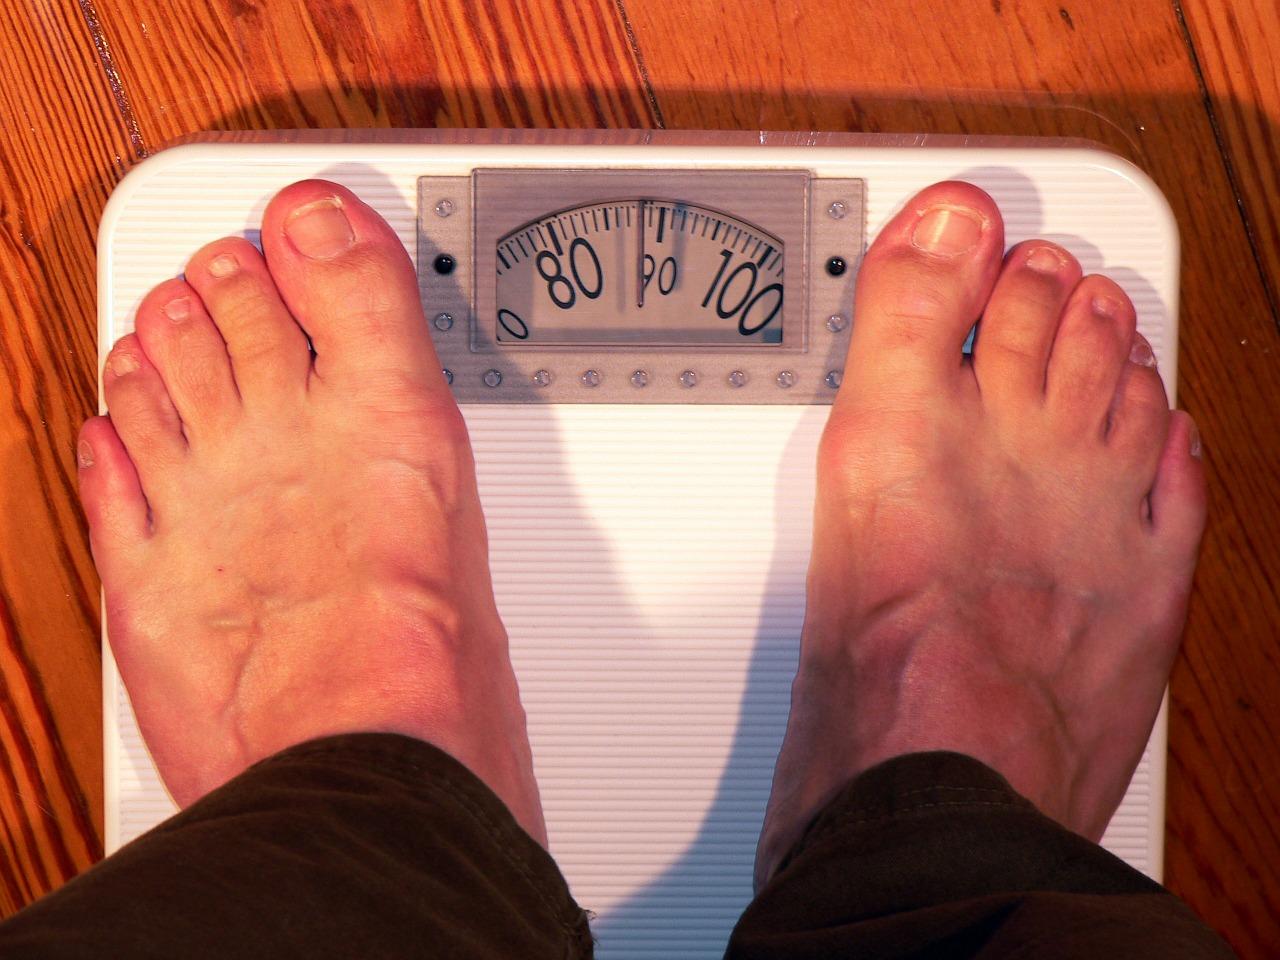 Según un estudio científico andaluz: Seas niño, joven, adulto o mayor… si tienes obesidad tendrás dolor crónico de espalda o artritis de rodilla